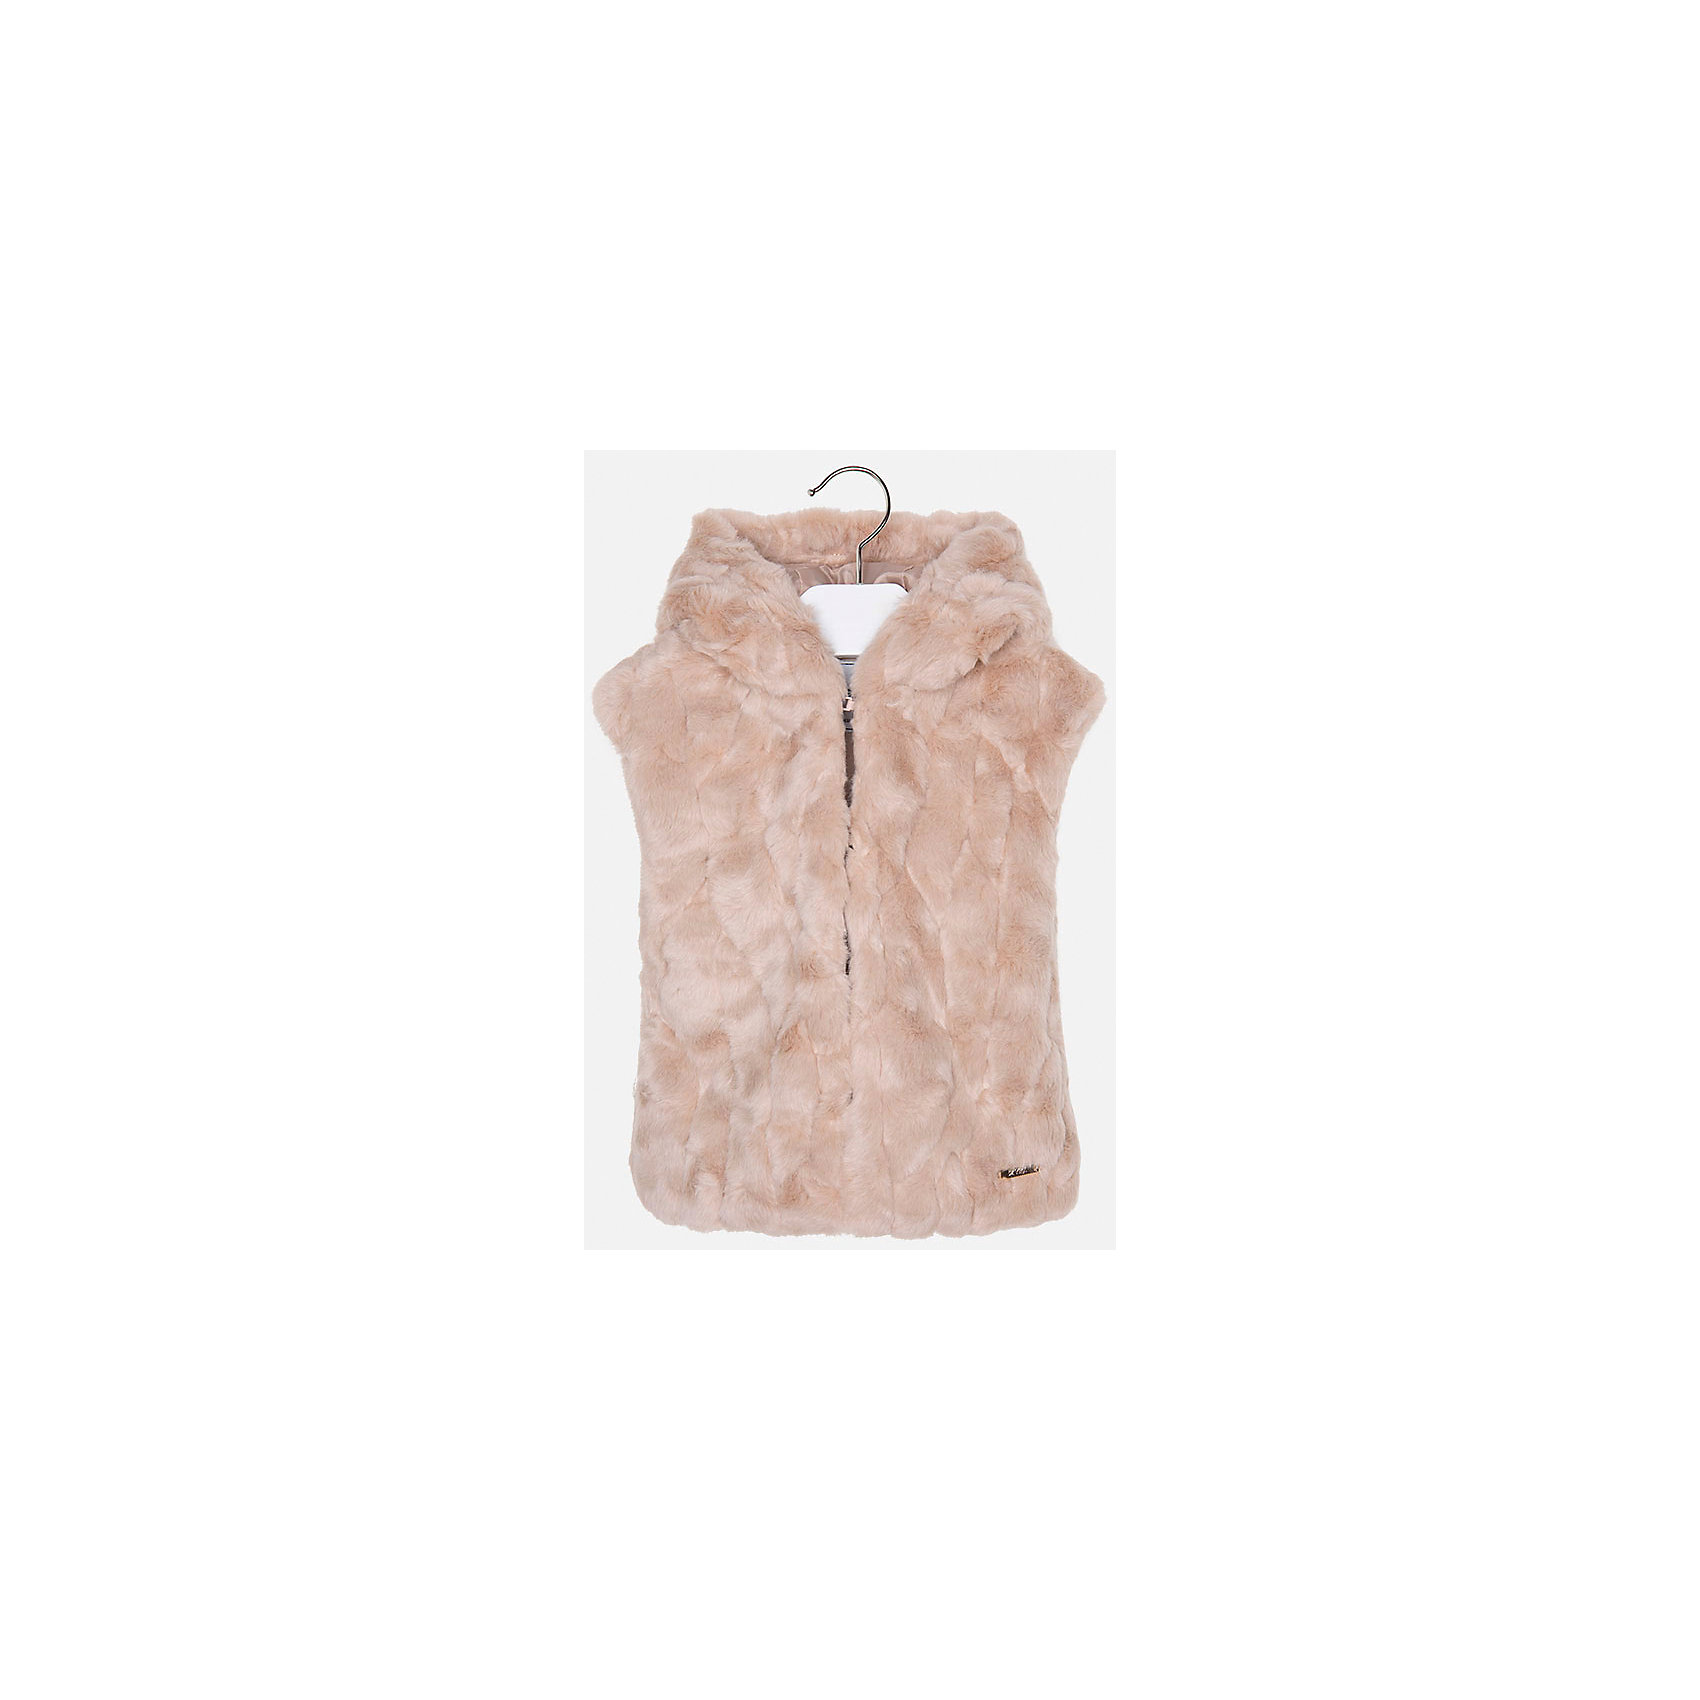 Жилет для девочки MayoralВерхняя одежда<br>Жилет для девочки из коллекции осень-зима 2016-2017 известного испанского бренда Mayoral (Майорал). Удобный жилет из искусственного меха на каждый день. Приятный серо-коричневый цвет в сочетании с классическим дизайном и большим капюшоном придутся по вкусу вашей моднице. Жилет отлично подойдет как к юбкам и брюкам, так и к джинсам. Застегивается на крючки. Жилет имеет качественный крой и маленькую пластинку с наименованием бренда на лицевой стороне спереди.<br><br>Дополнительная информация:<br>- Длина: удлиненная<br>- Рукав: отсутствует<br>- Силуэт: прямой <br>Состав: 95 % Акриловое волокно, 5 % Полиэстер; Подкладка: 100 % полиэстер<br><br>Жилет для девочек Mayoral (Майорал) можно купить в нашем интернет-магазине.<br><br>Подробнее:<br>• Для детей в возрасте: от 8 до 14 лет<br>• Номер товара: 4843745 <br>Страна производитель: Китай<br><br>Ширина мм: 190<br>Глубина мм: 74<br>Высота мм: 229<br>Вес г: 236<br>Цвет: бежевый<br>Возраст от месяцев: 72<br>Возраст до месяцев: 84<br>Пол: Женский<br>Возраст: Детский<br>Размер: 122,116,128,98,134,104,110<br>SKU: 4843744